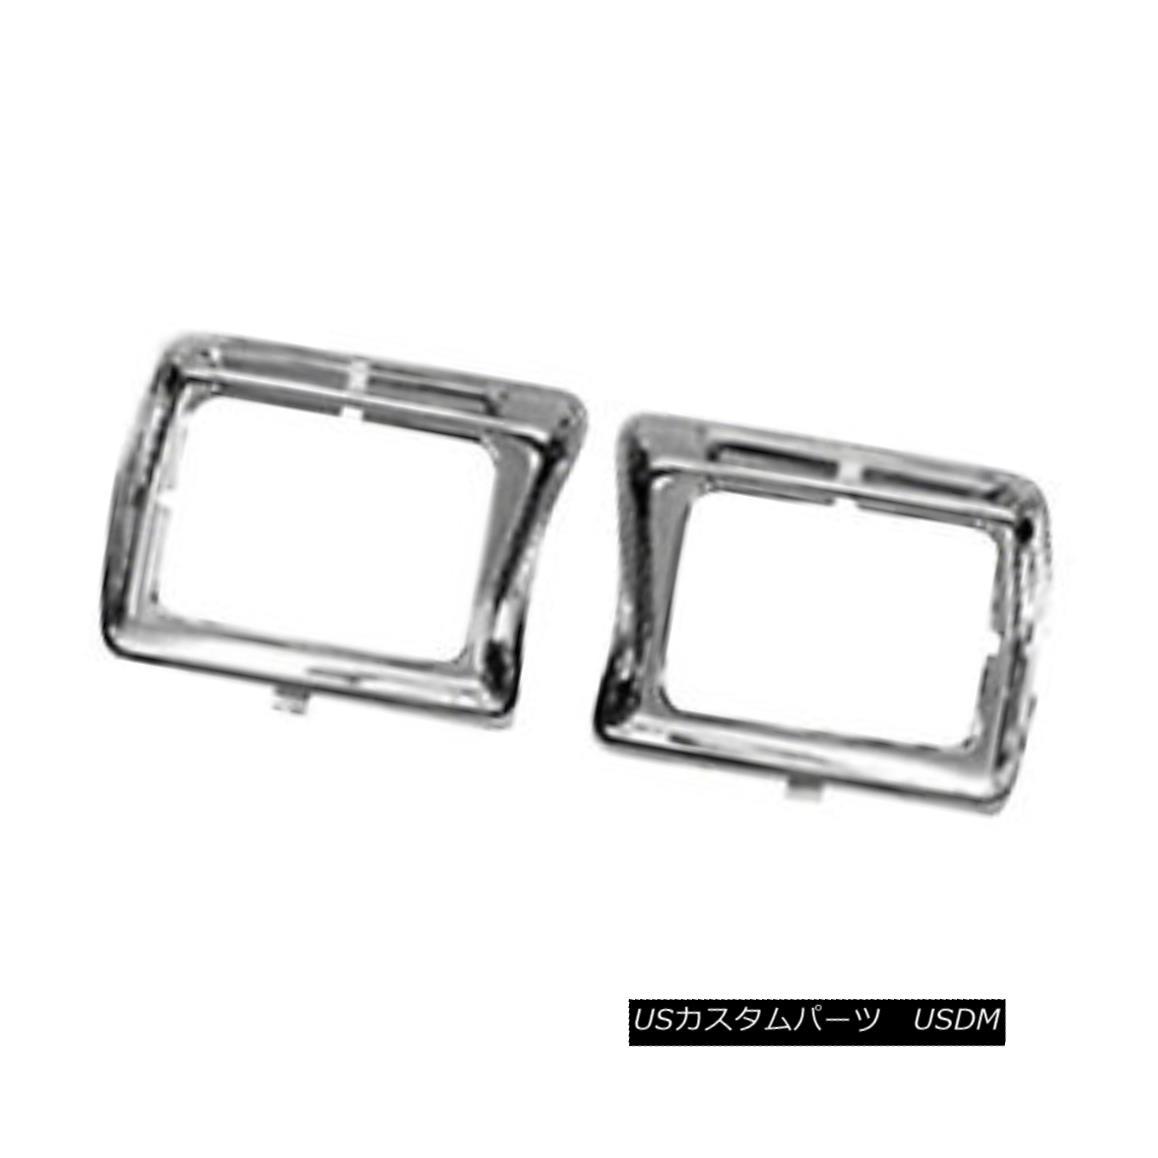 グリル New Replacement Headlight Door Chrome Passenger Side w/Square Lamps 630-00334BR 新しい交換ヘッドライトドアクローム乗客側ワット/スクエアランプ630-00334BR